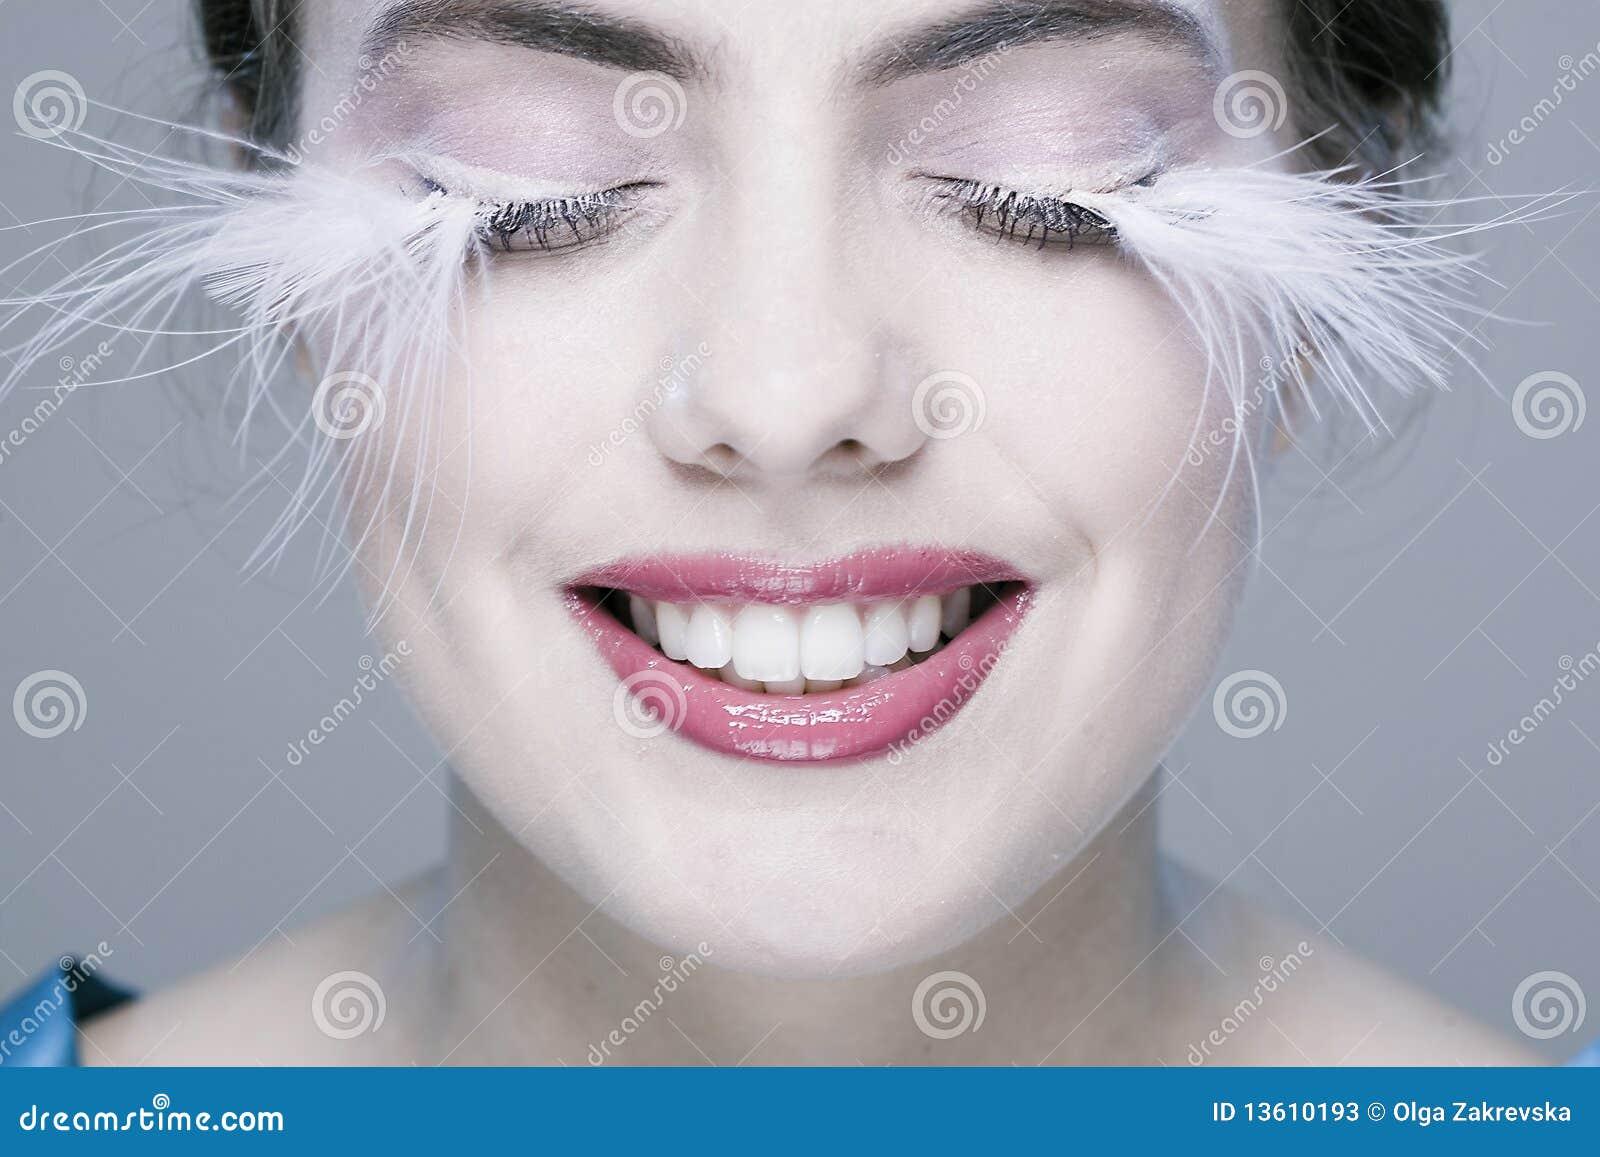 Woman With Long Eyelashes Stock Photos - Image: 13610193